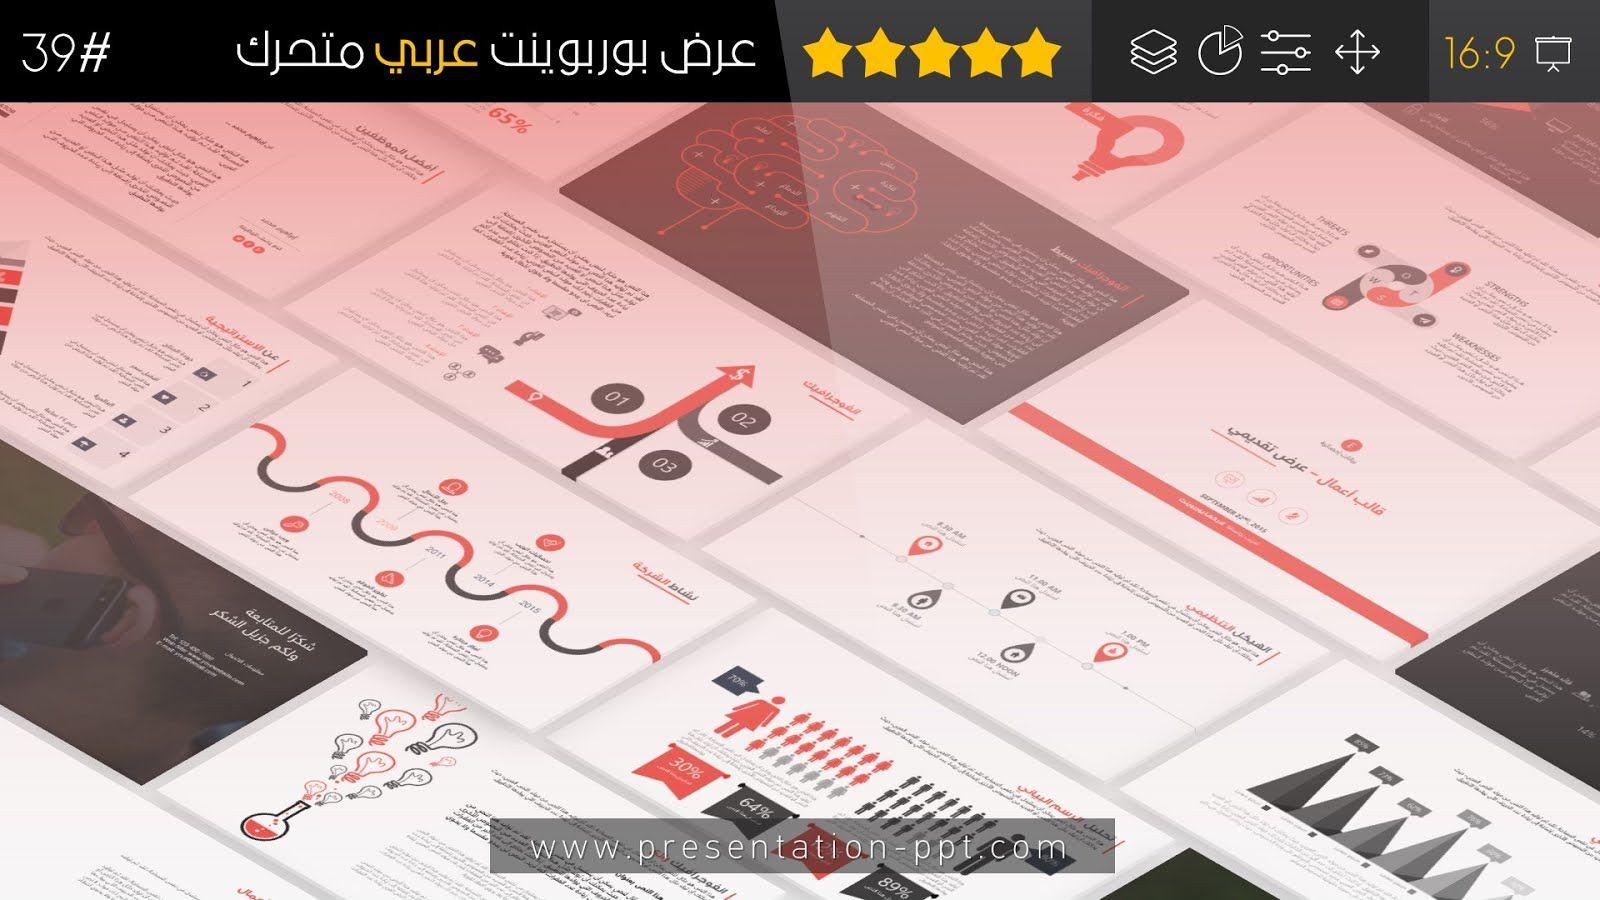 أعمال عرض بوربوينت عربي متحرك جاهز للتعديل 2018 Powerpoint Presentation Presentation Templates Powerpoint Presentation Templates